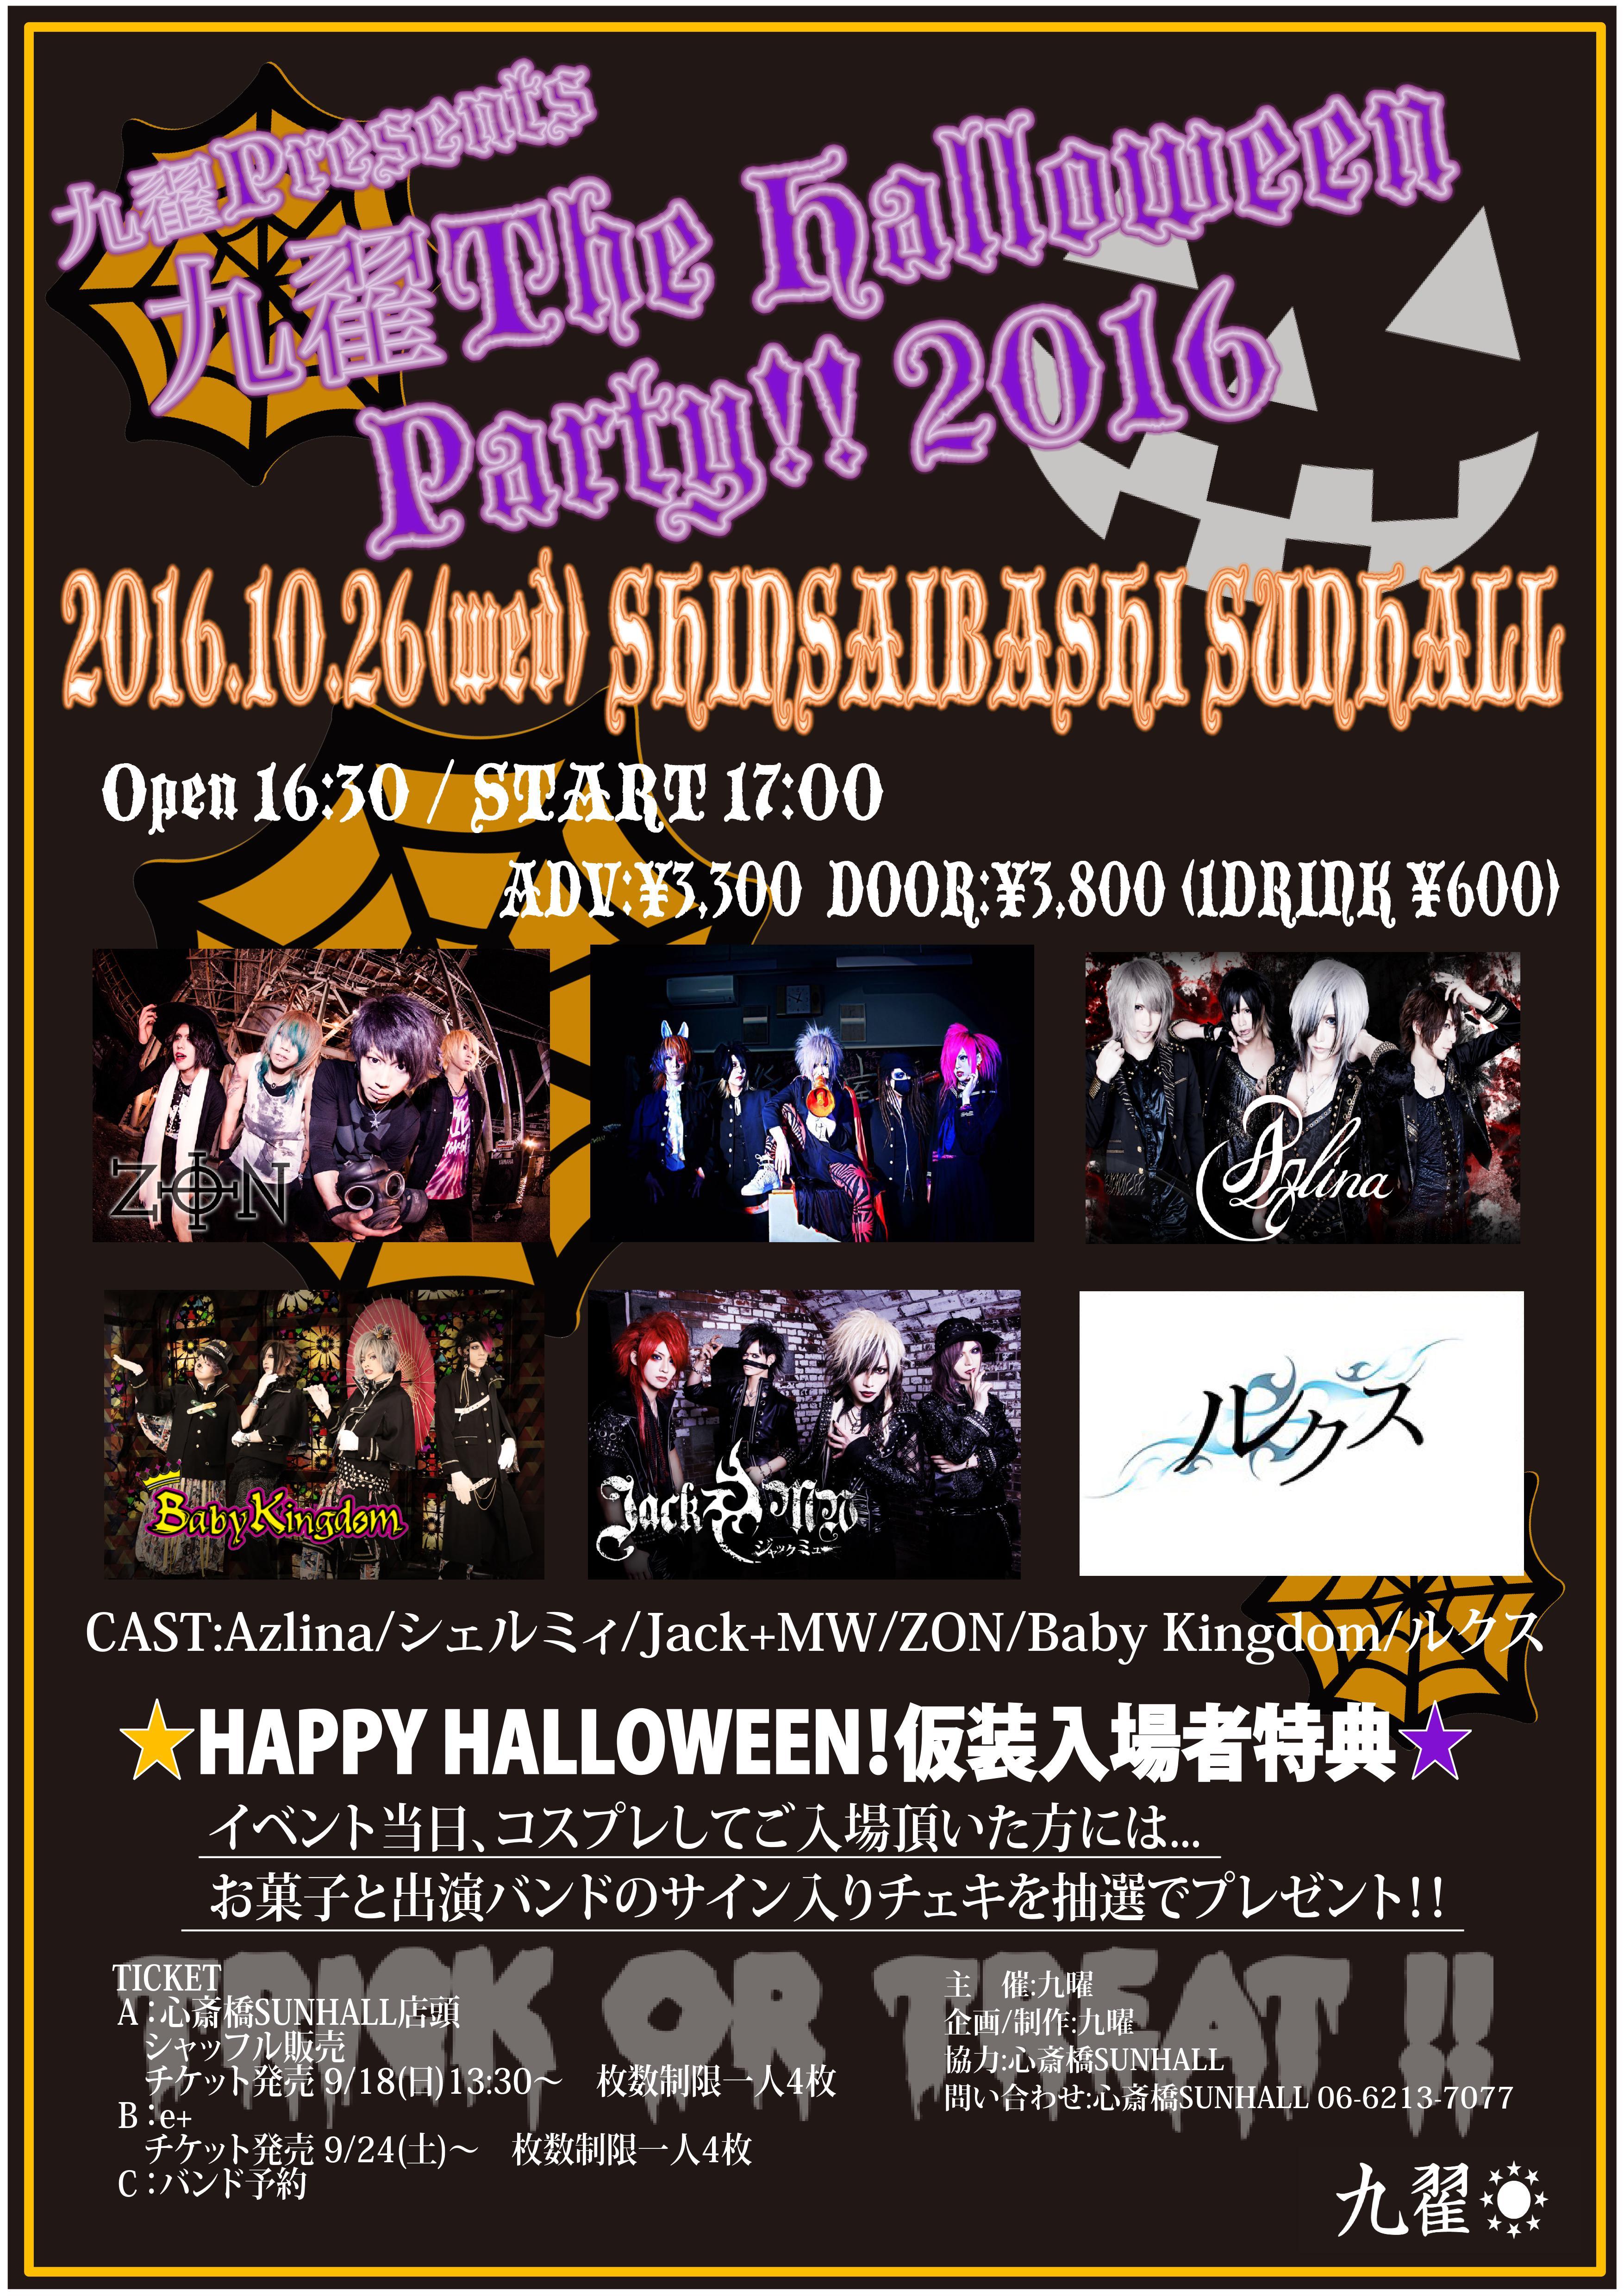 九翟 Presents 『 – 九翟 The Halloween Party!! – 』